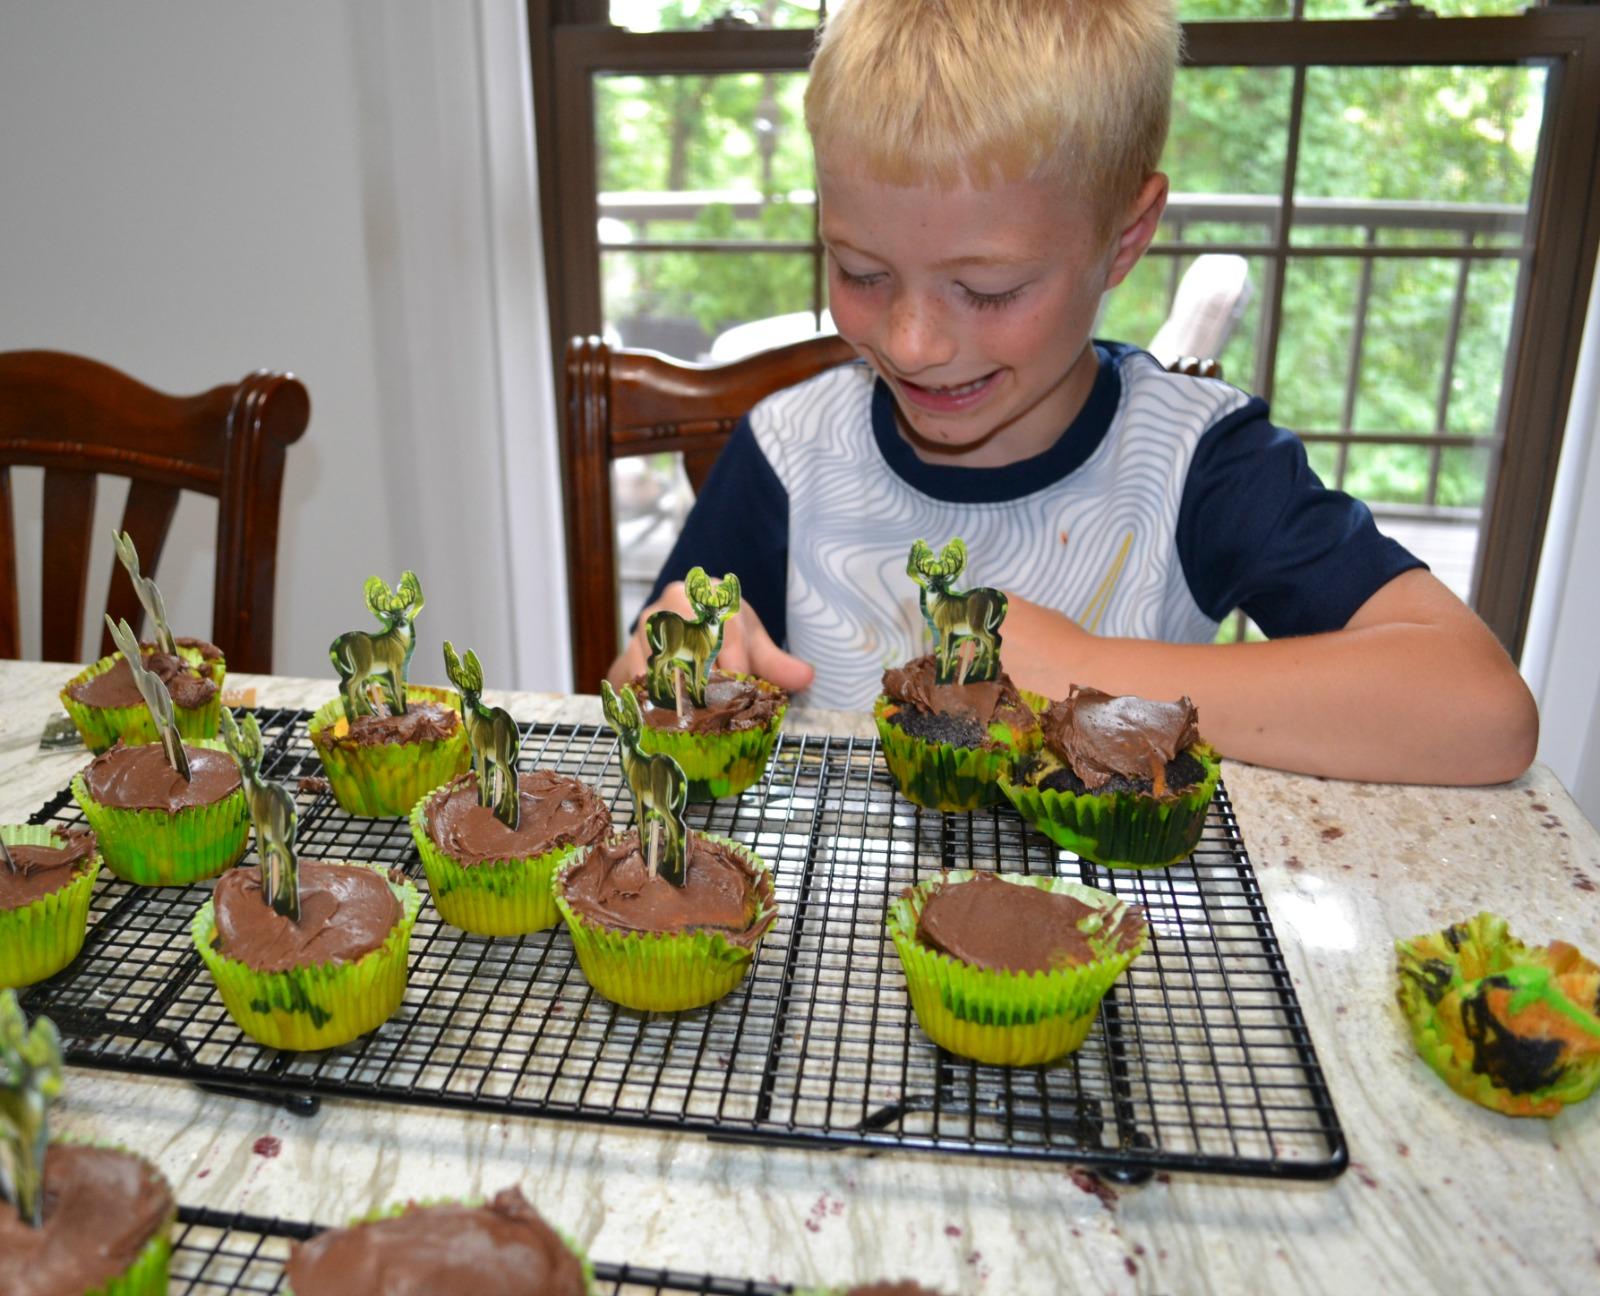 camo cupcakes, kids cooking class